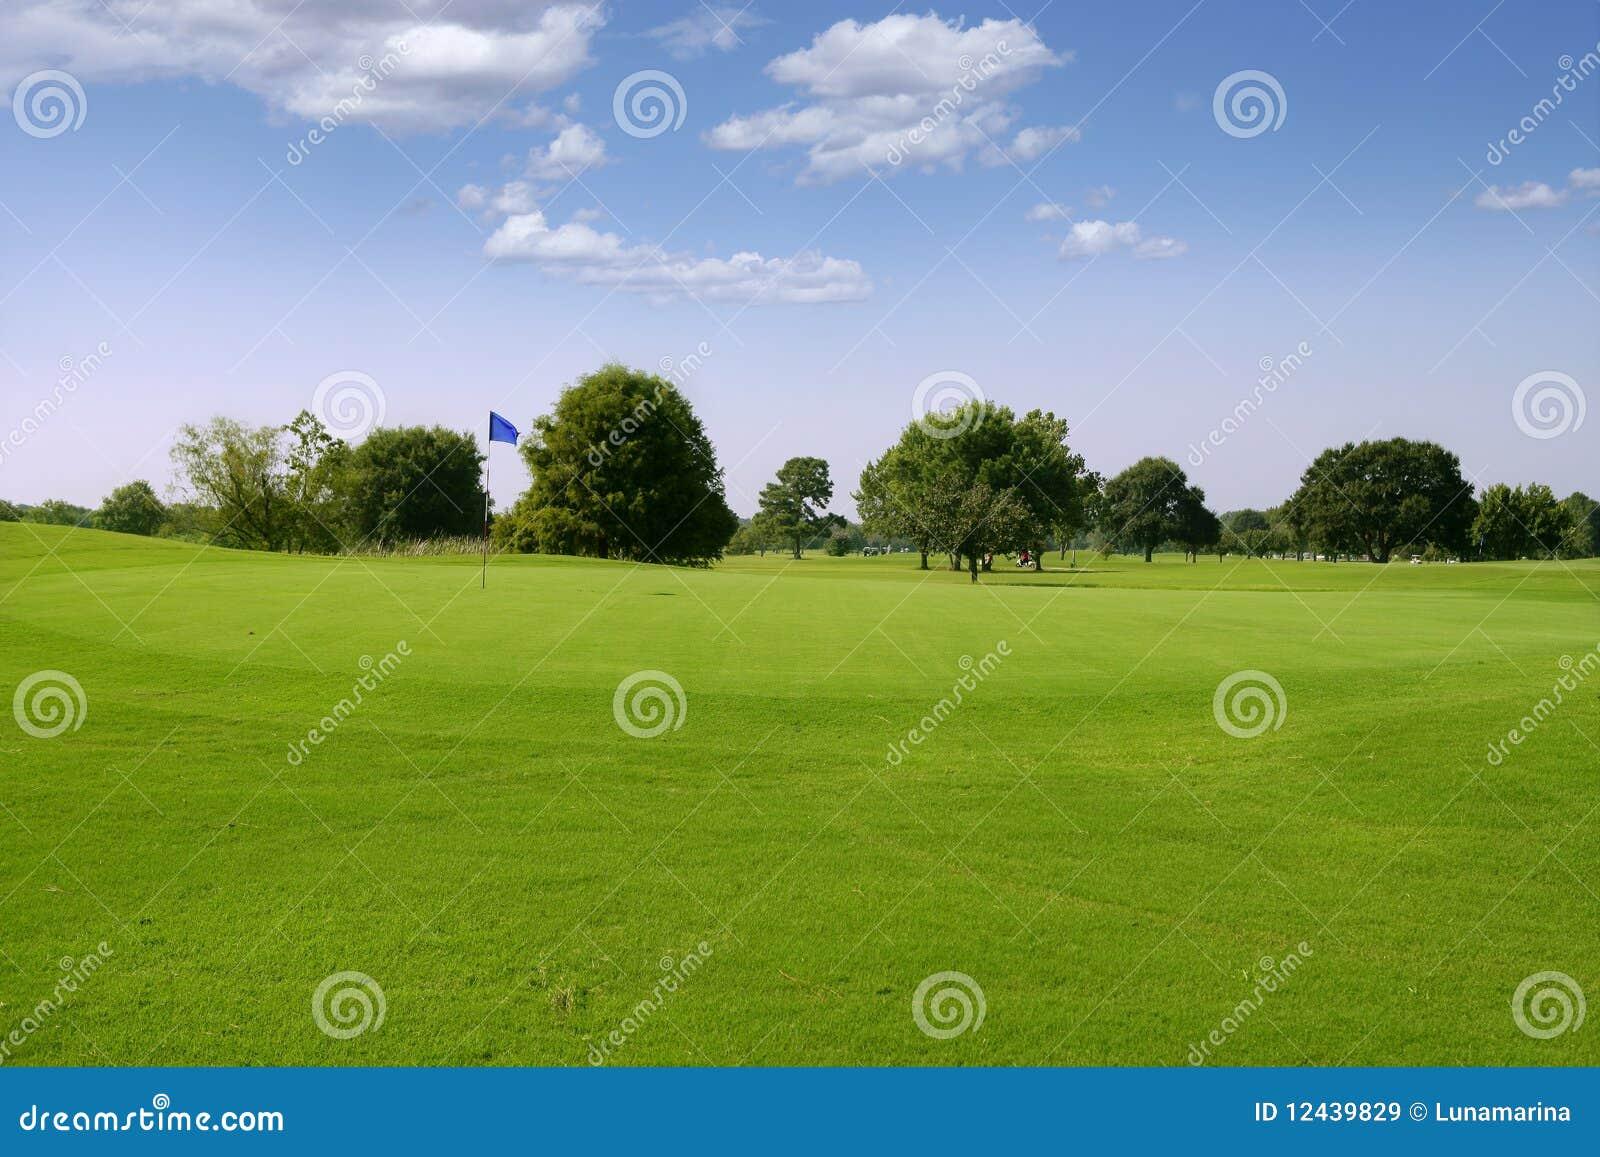 Groen het graslandschap van het golf in texas stock afbeelding afbeelding 12439829 - Groen behang van het water ...